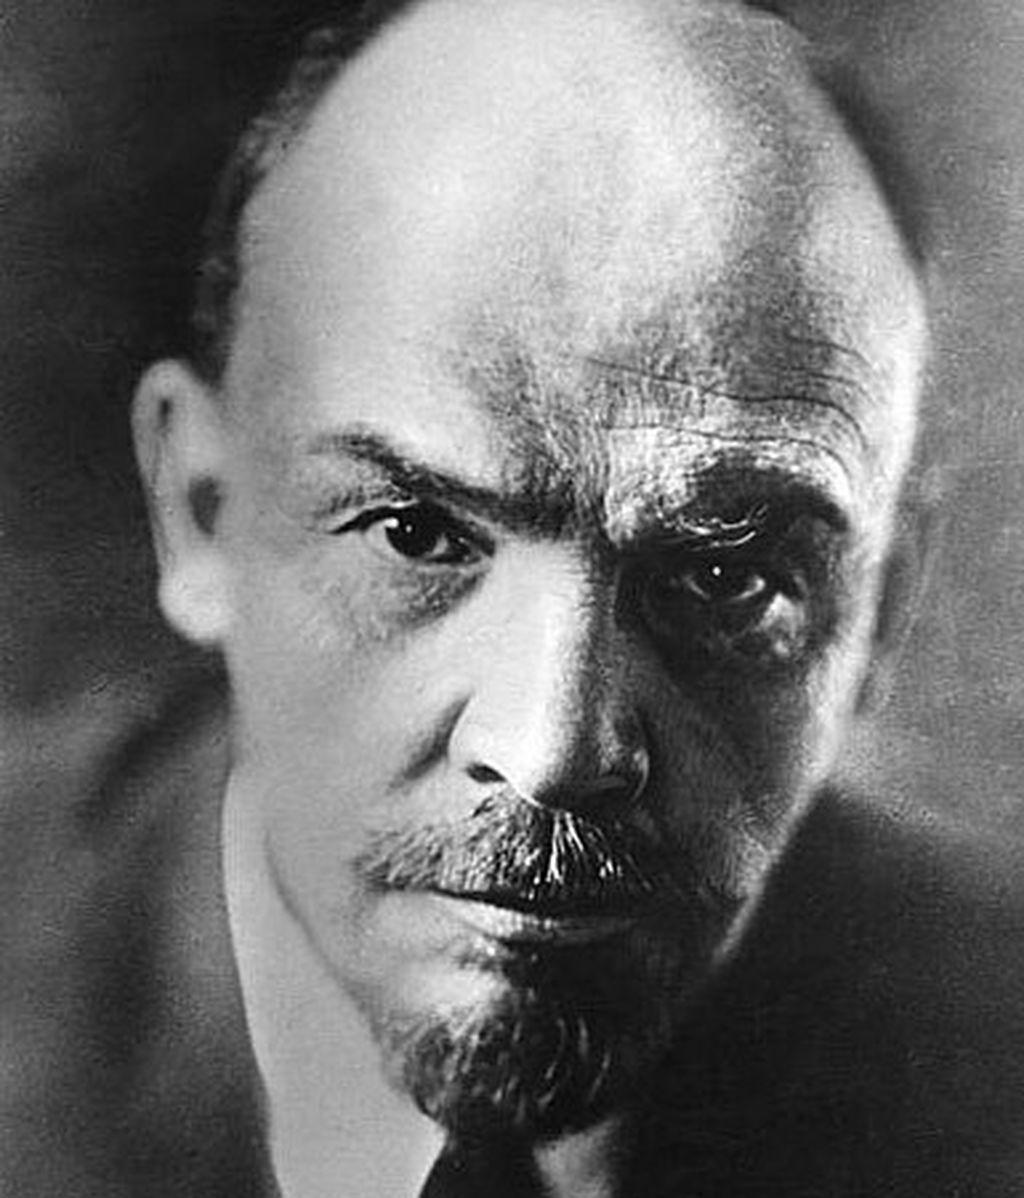 385px-Bundesarchiv_Bild_183-71043-0003,_Wladimir_Iljitsch_Lenin